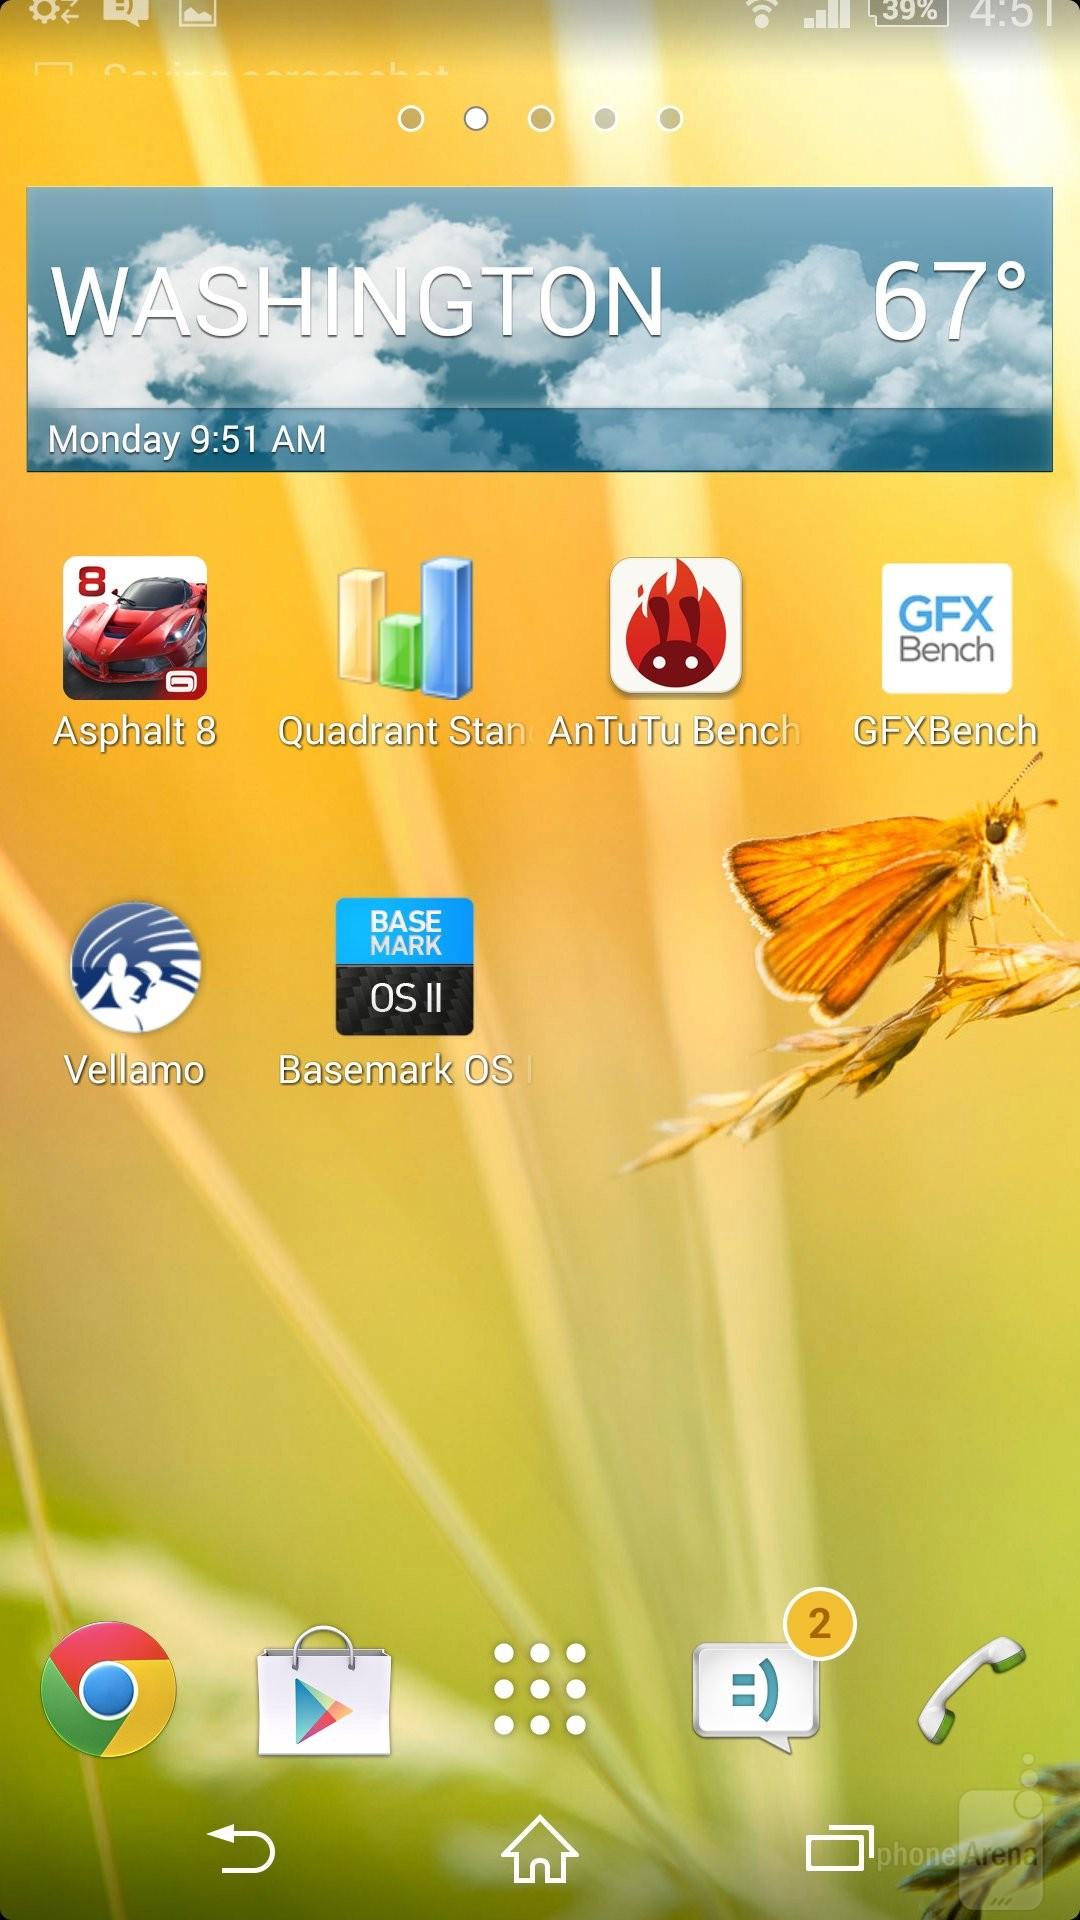 لانچر سامسونگ جی 5 دانلود لانچر رسمی اکسپریا Z2 پورت شده برای دستگاه های اکسپریا